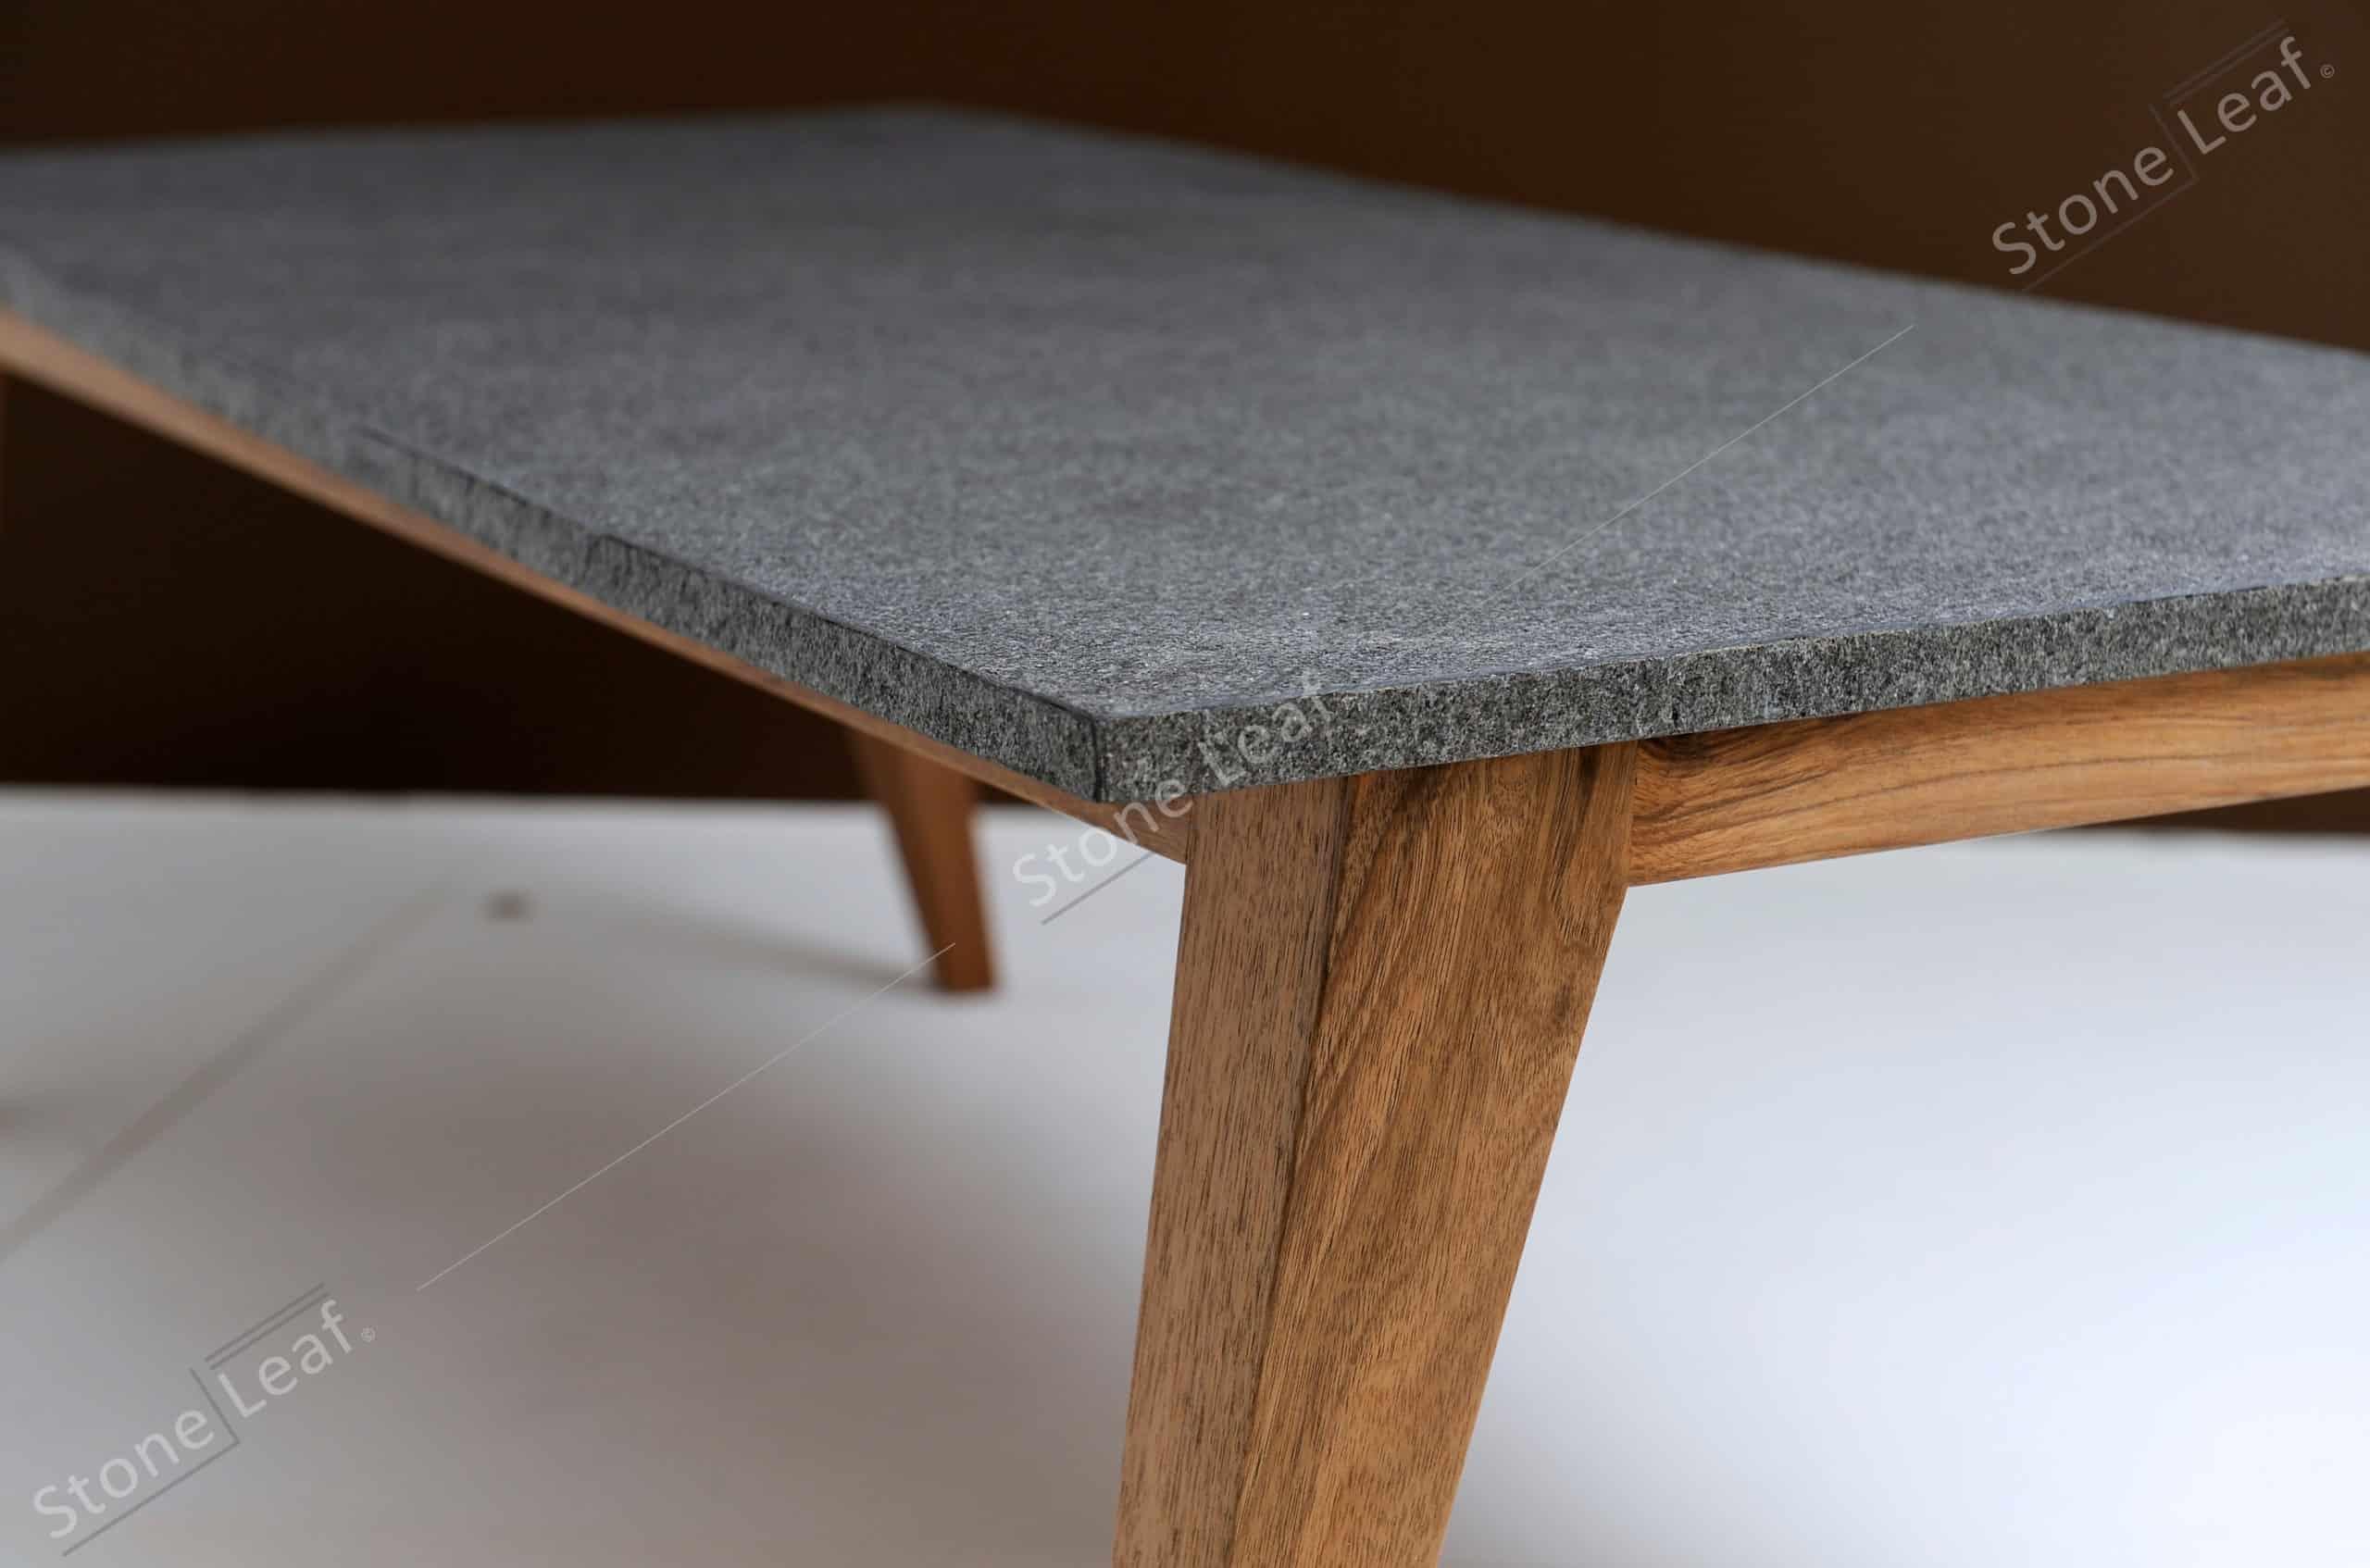 Feuille de pierre 100% naturelle sur une table